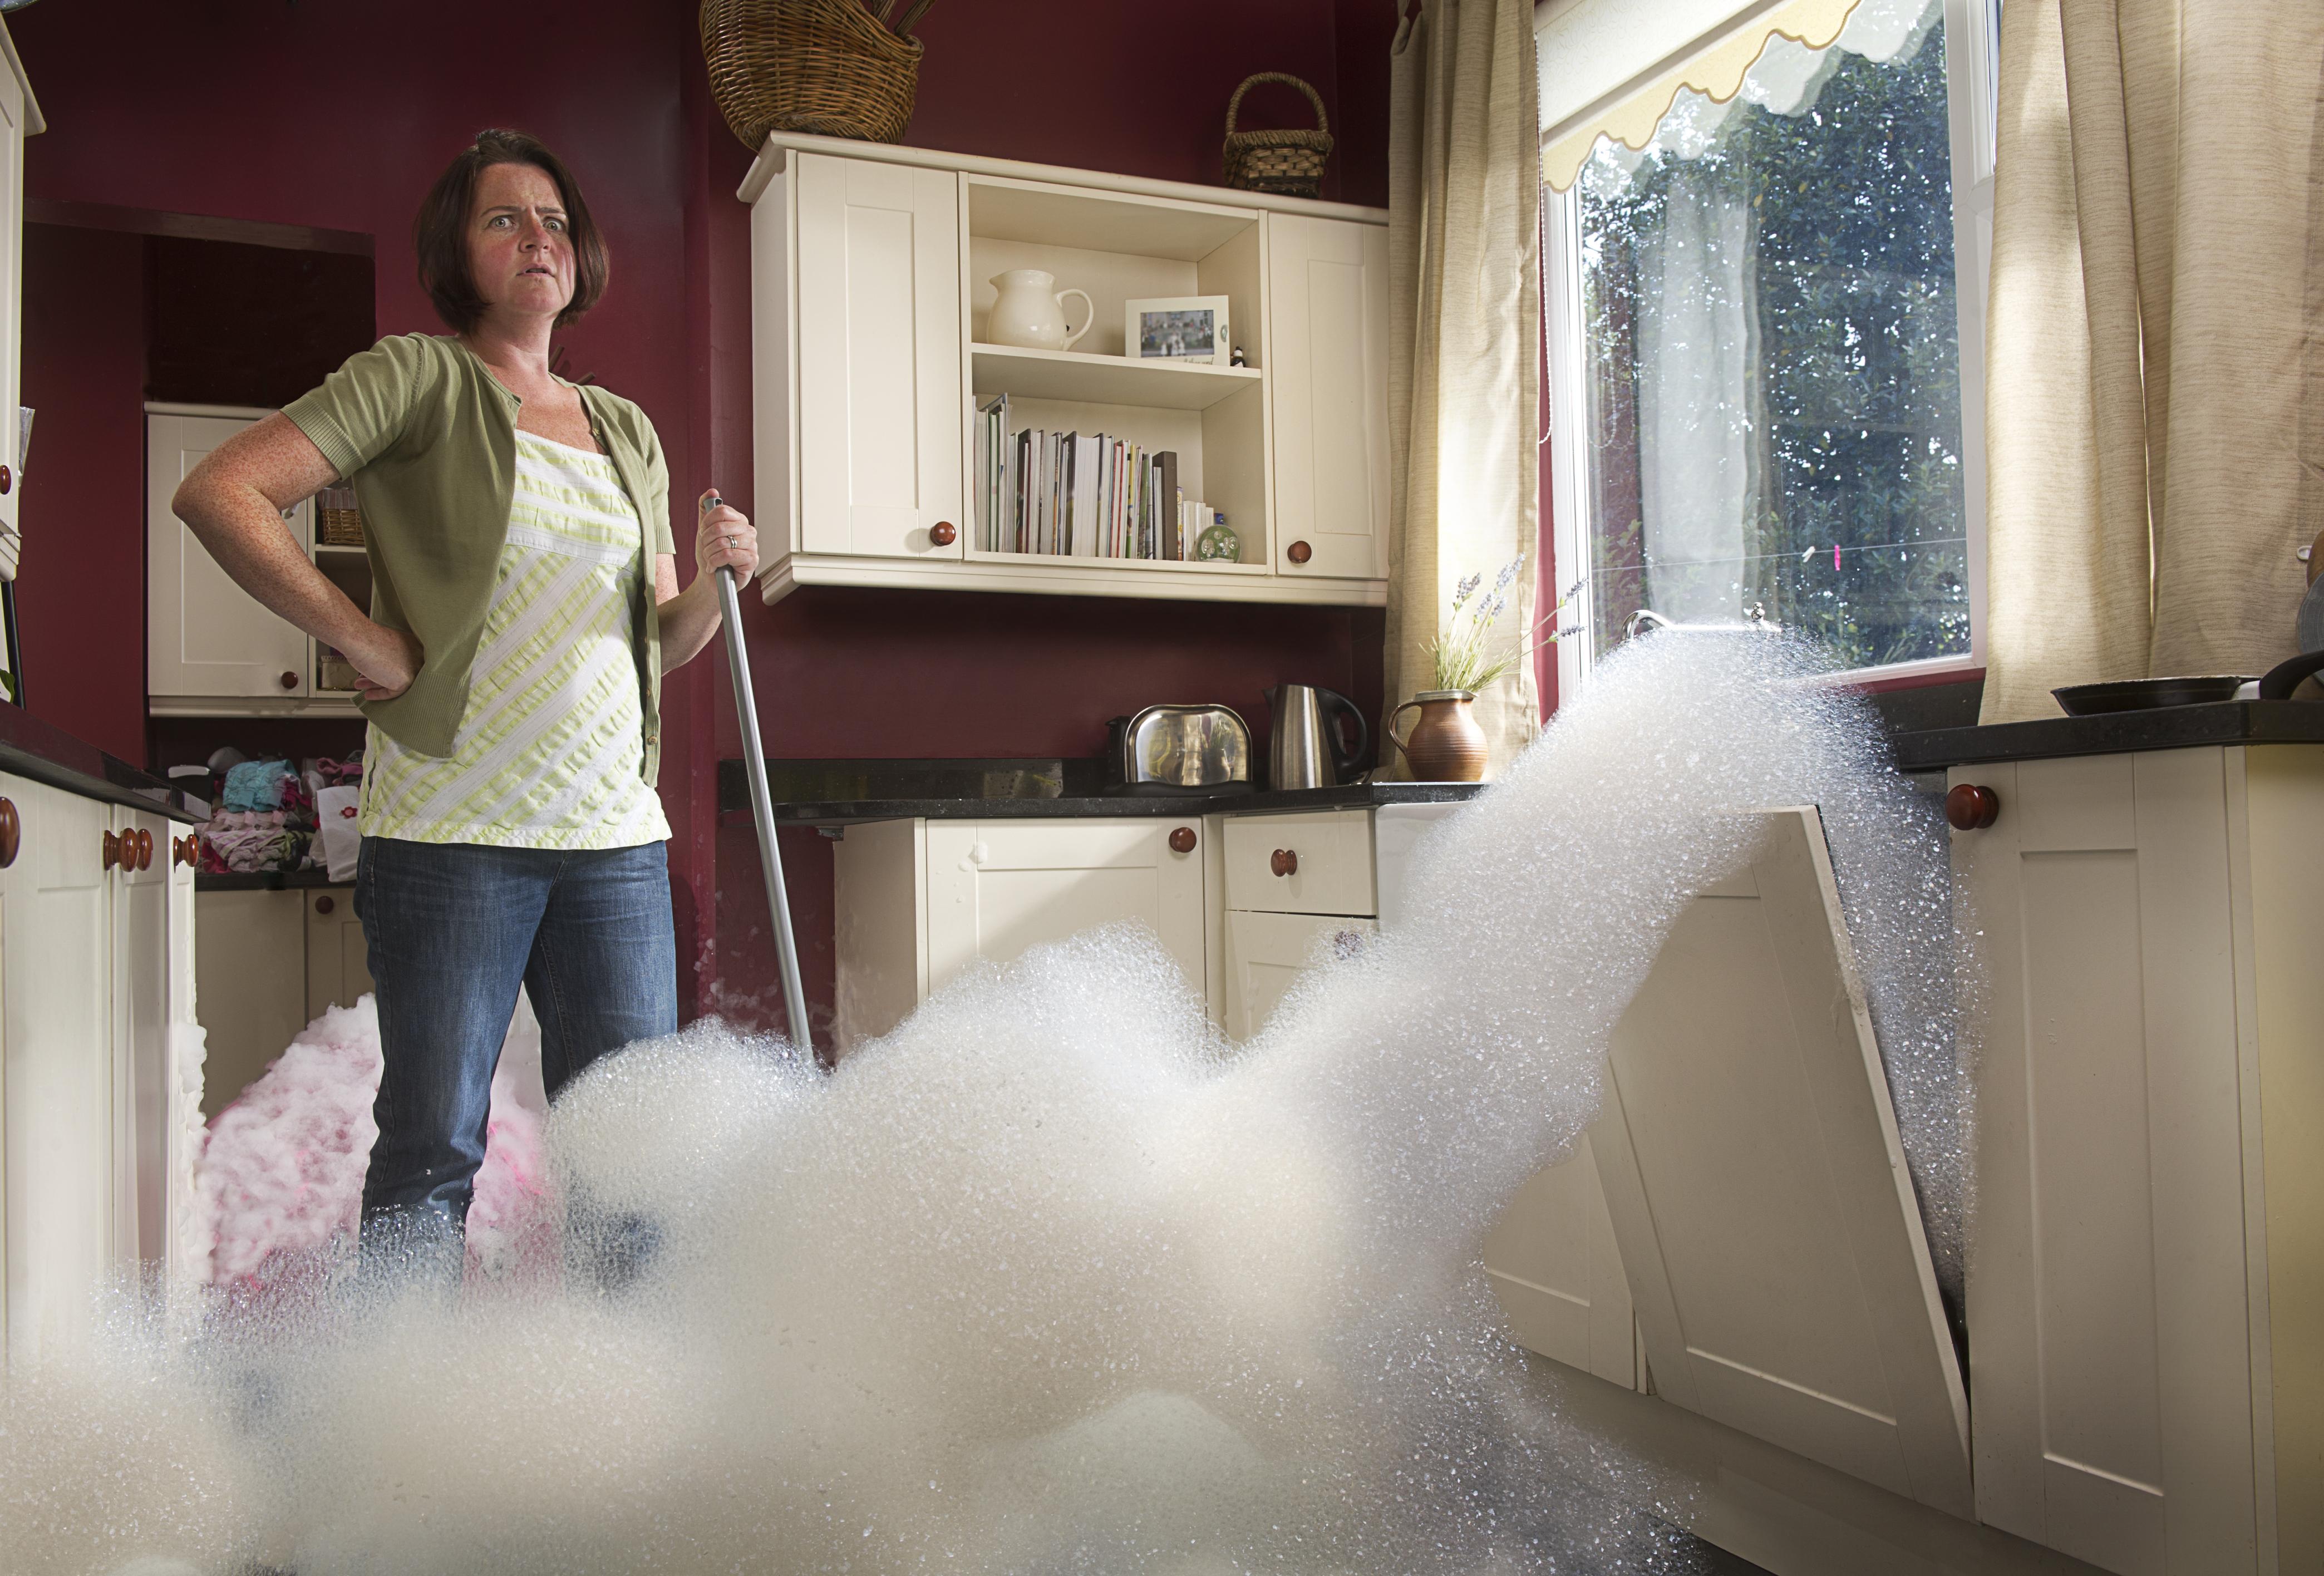 Glotech Repairs Washing Up Liquid In Dishwashers Glotech Repairs